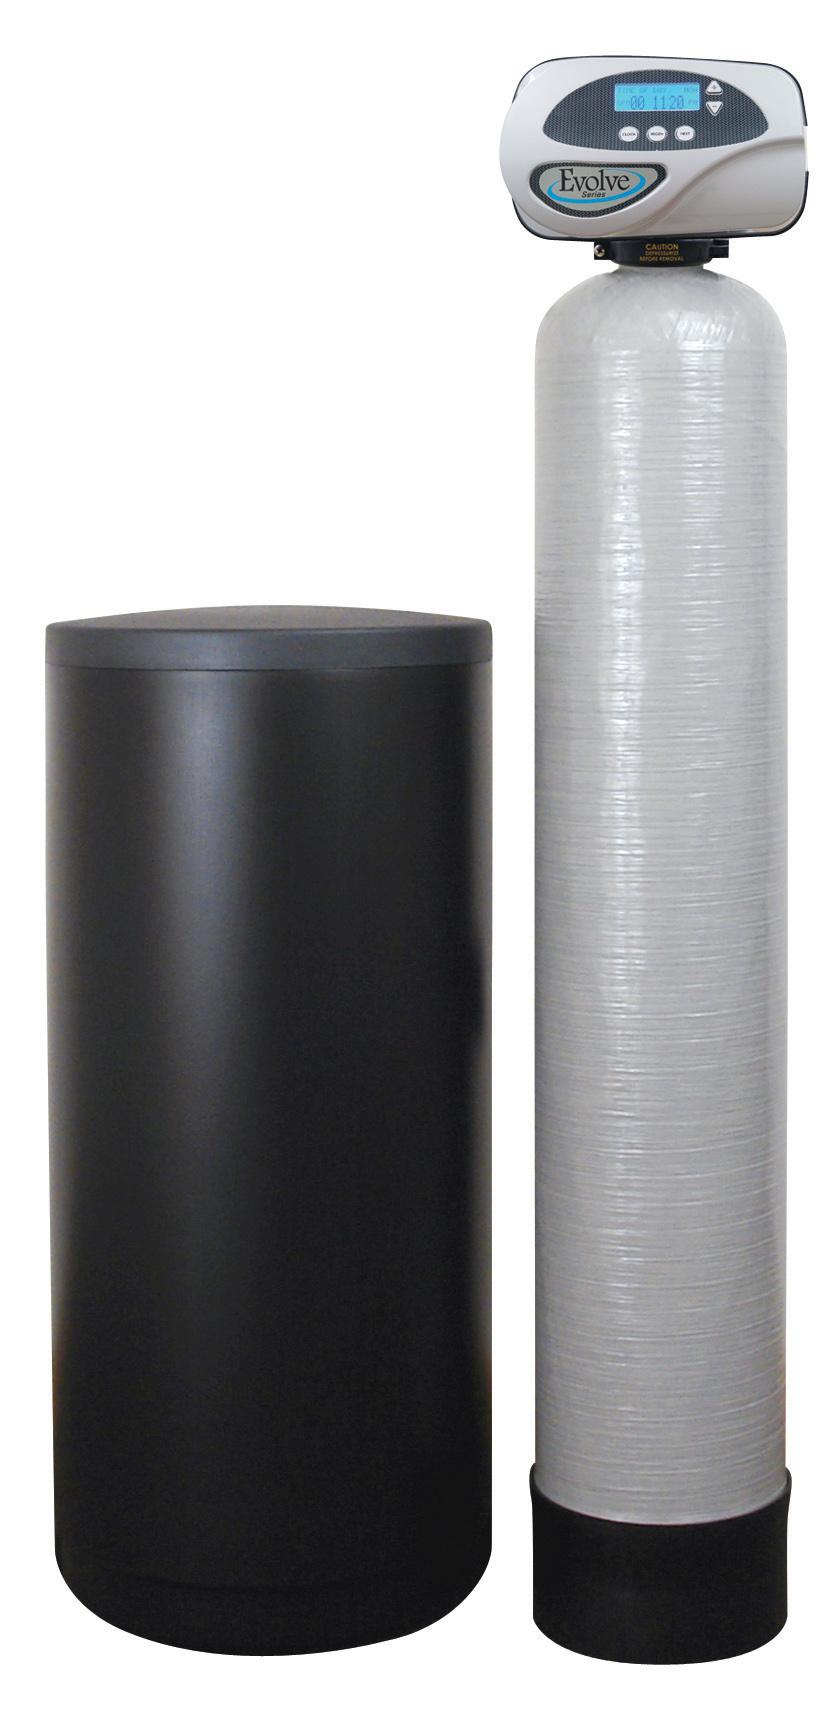 Evolve Water Softener1.jpg